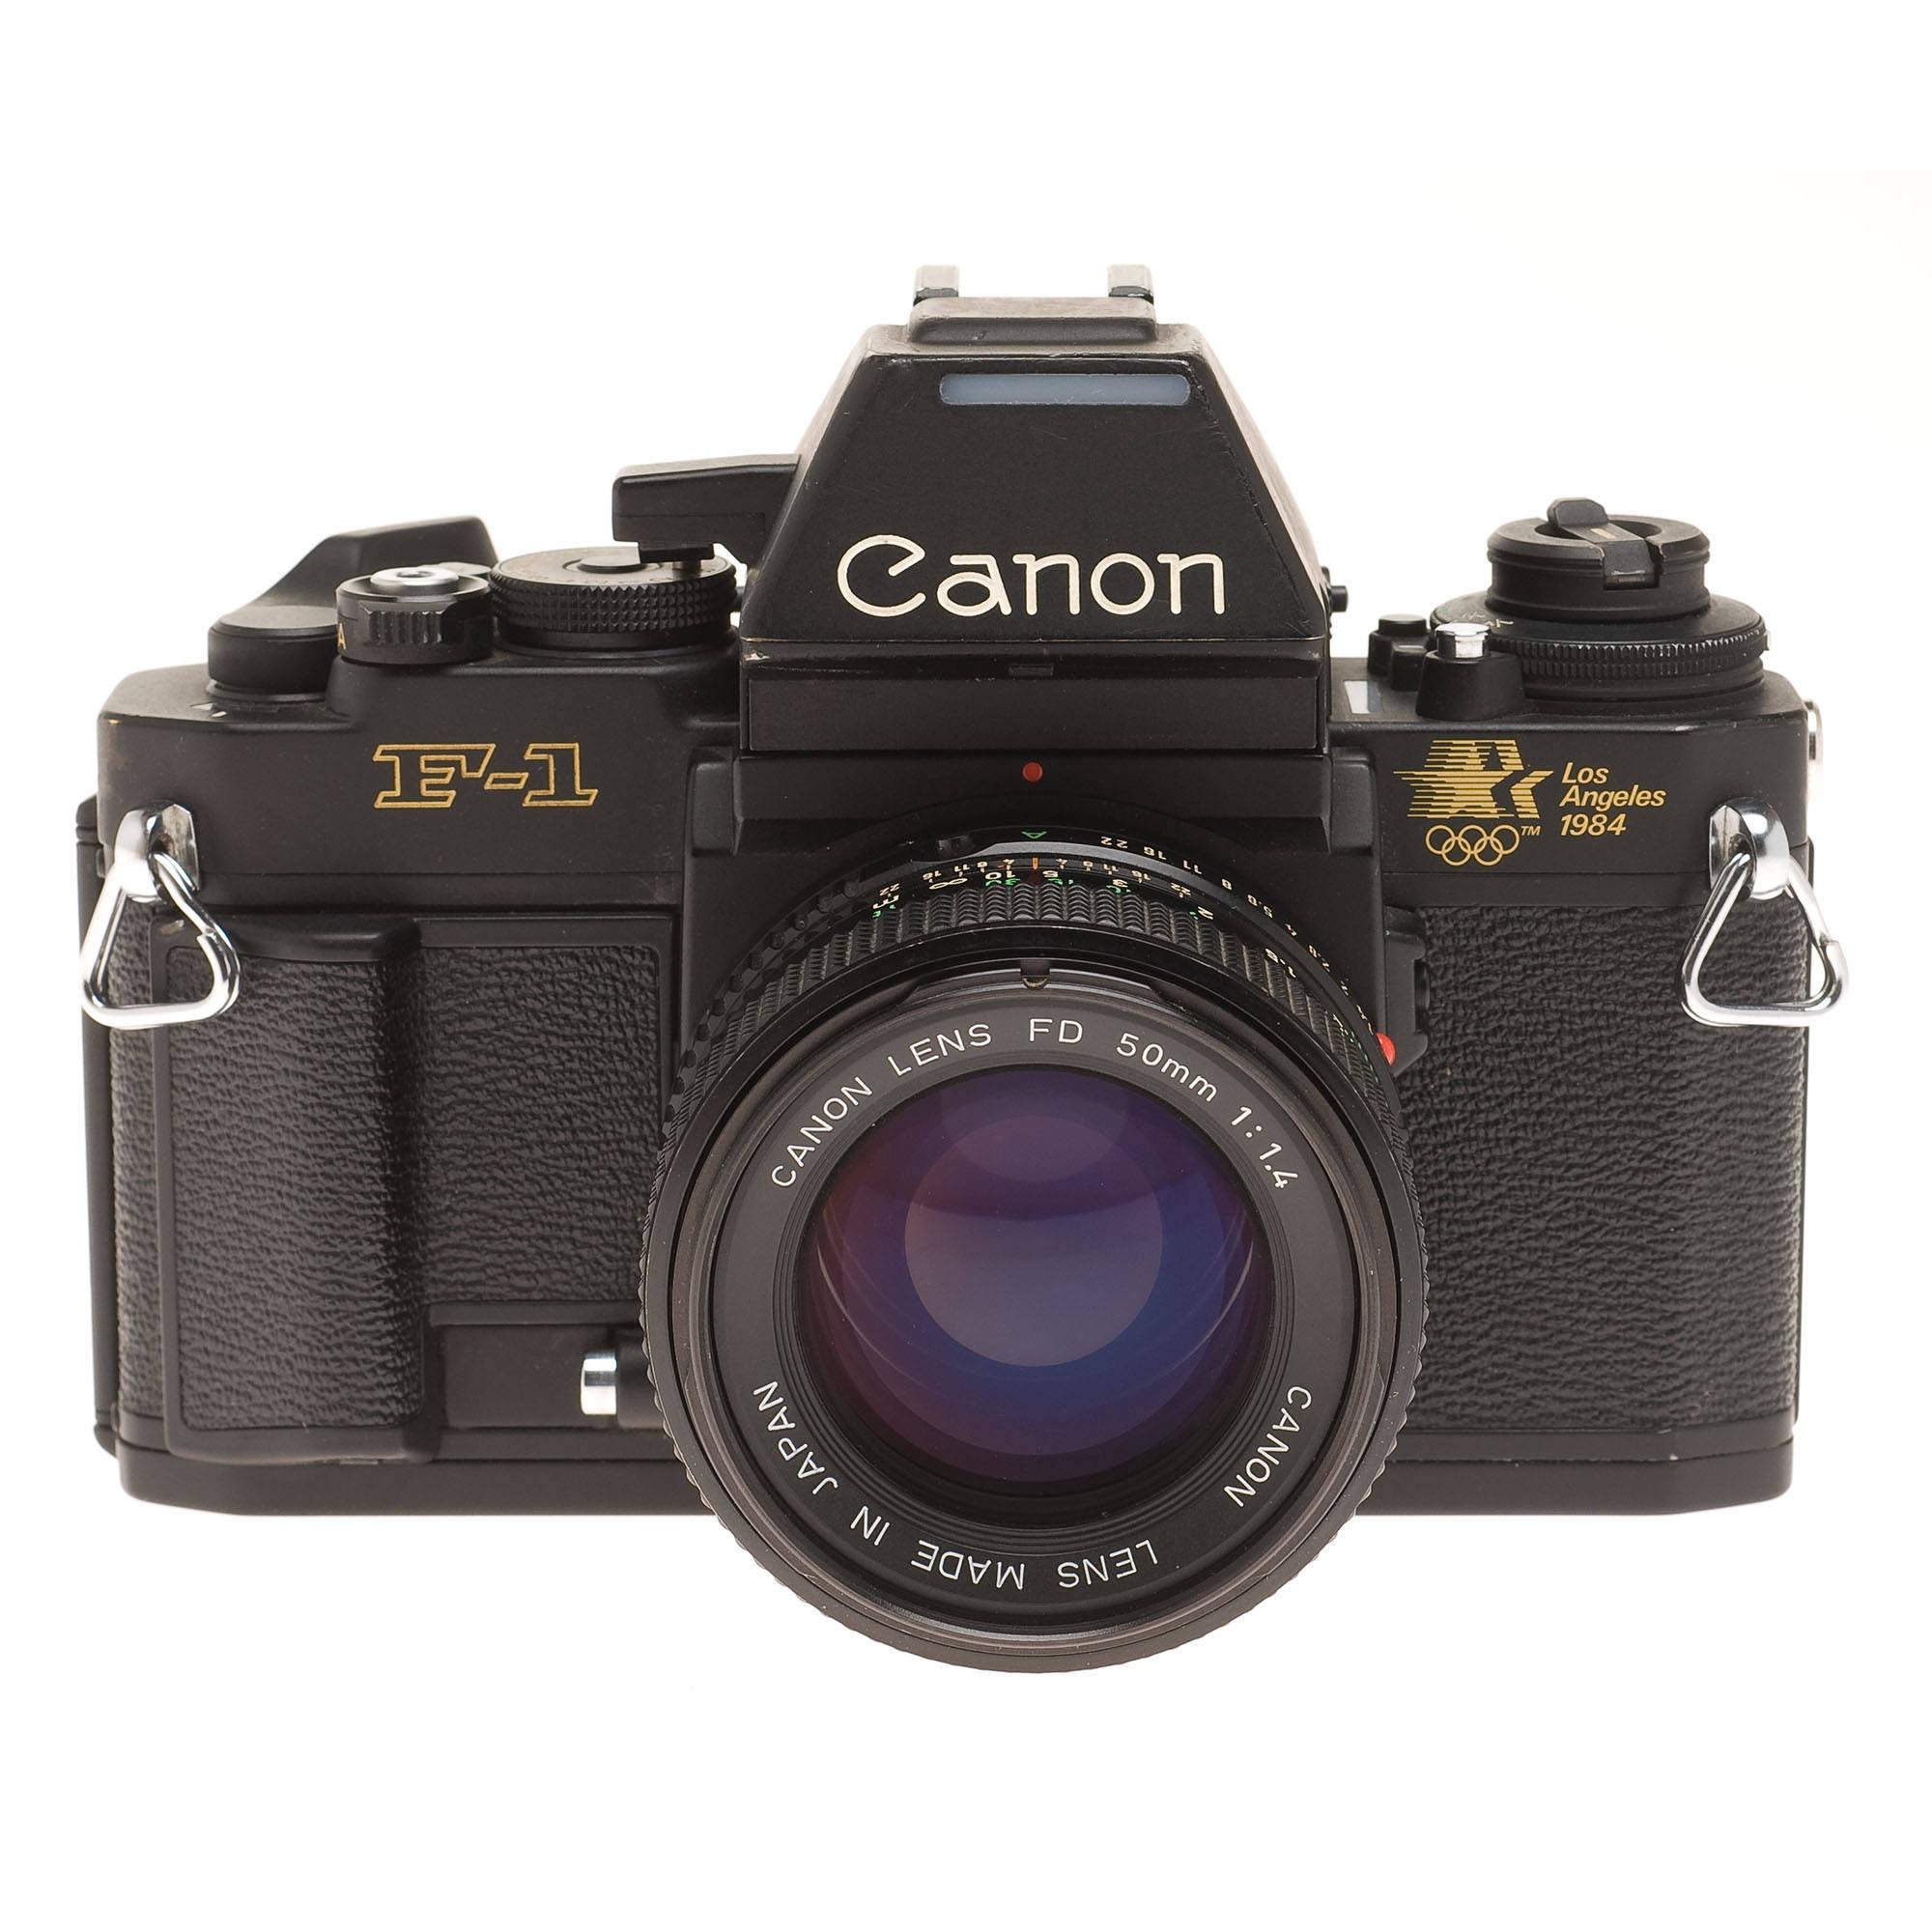 used canon f 1n 35mm slr manual focus camera body b h photo rh bhphotovideo com canon pc 420 copier manual Canon PC 420 Copier